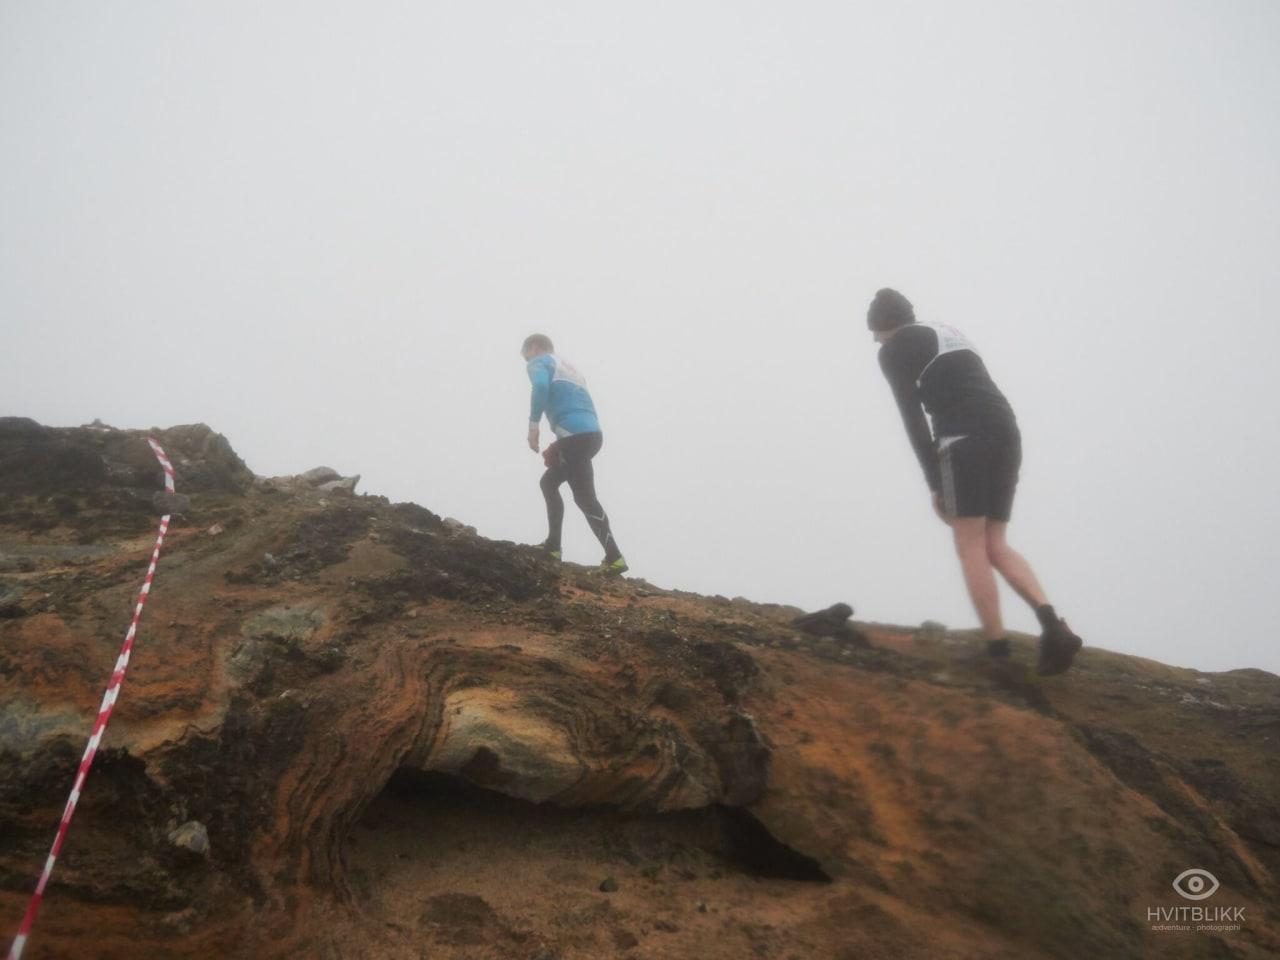 TÅKEHAV: Det var ikke helt det synet løperne hadde ønsket seg som ventet på toppen av fjellet. Foto: Timme Ellingjord.